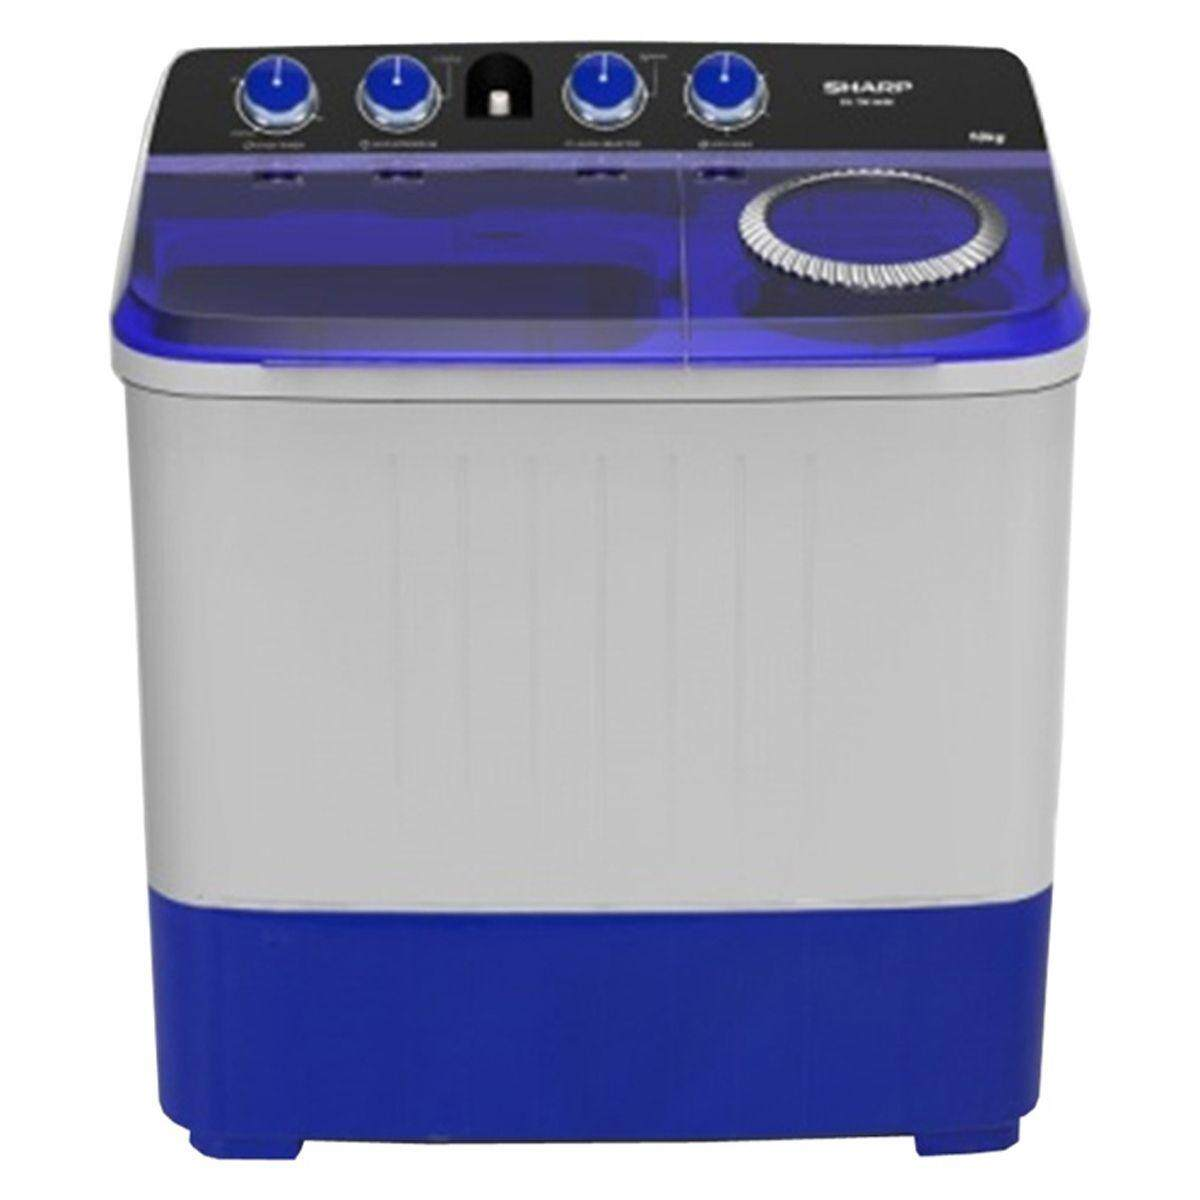 ลดต้อนรับปีใหม่ เครื่องซักผ้า Hitachi Sale -12% เครื่องซักผ้าถังคู่ Hitachi รุ่น PS-140WJ นี่คือสินค้ายอดนิยม